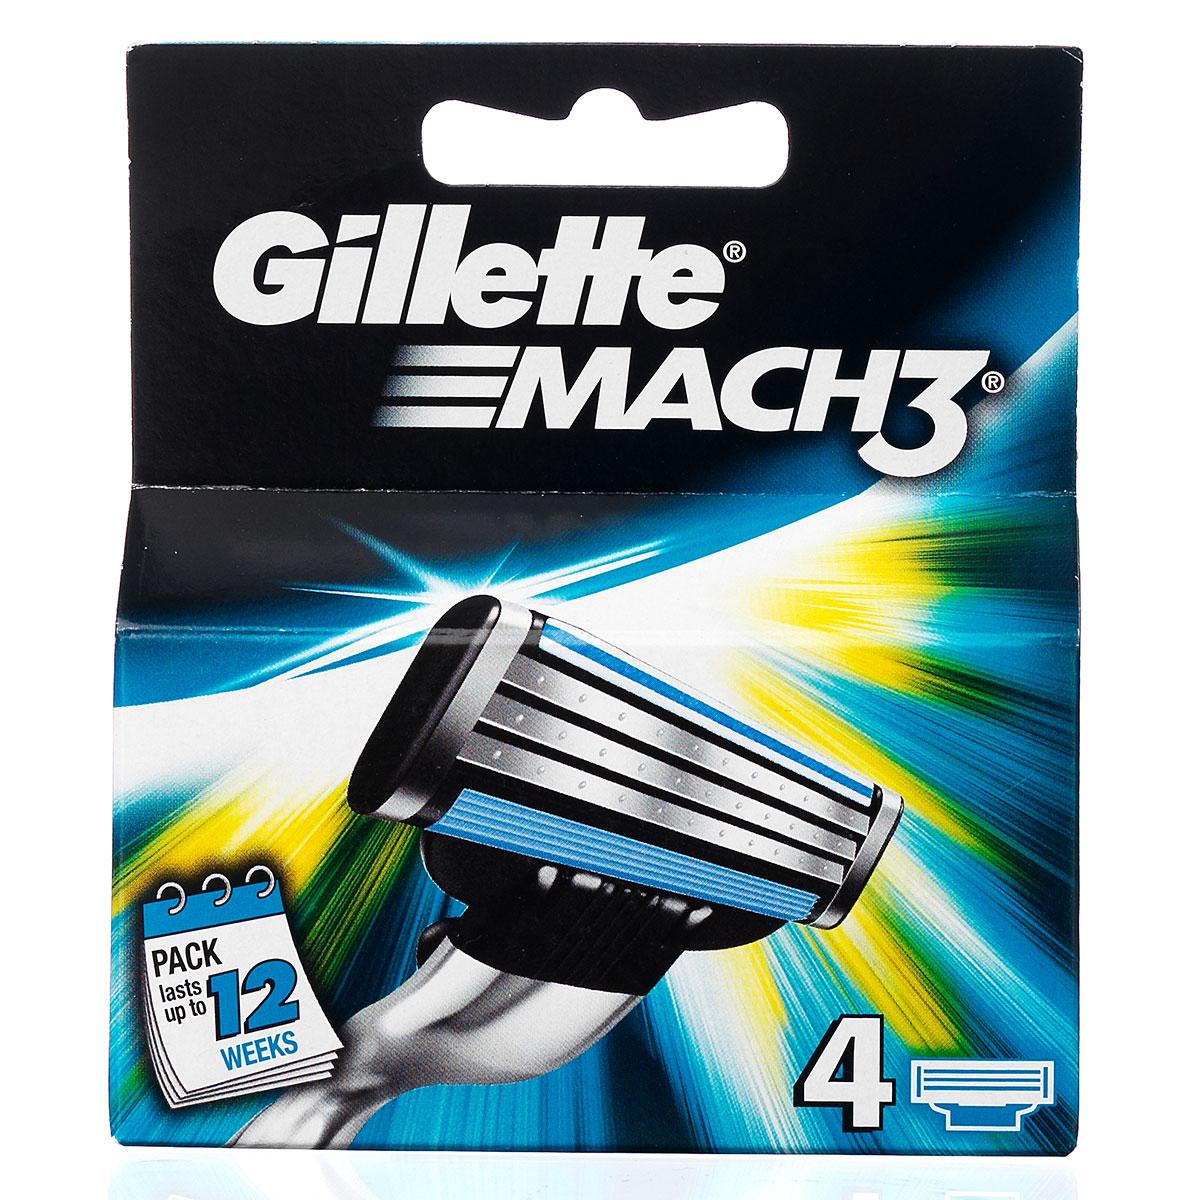 Billede af Gillette Mach 3, 4 pack